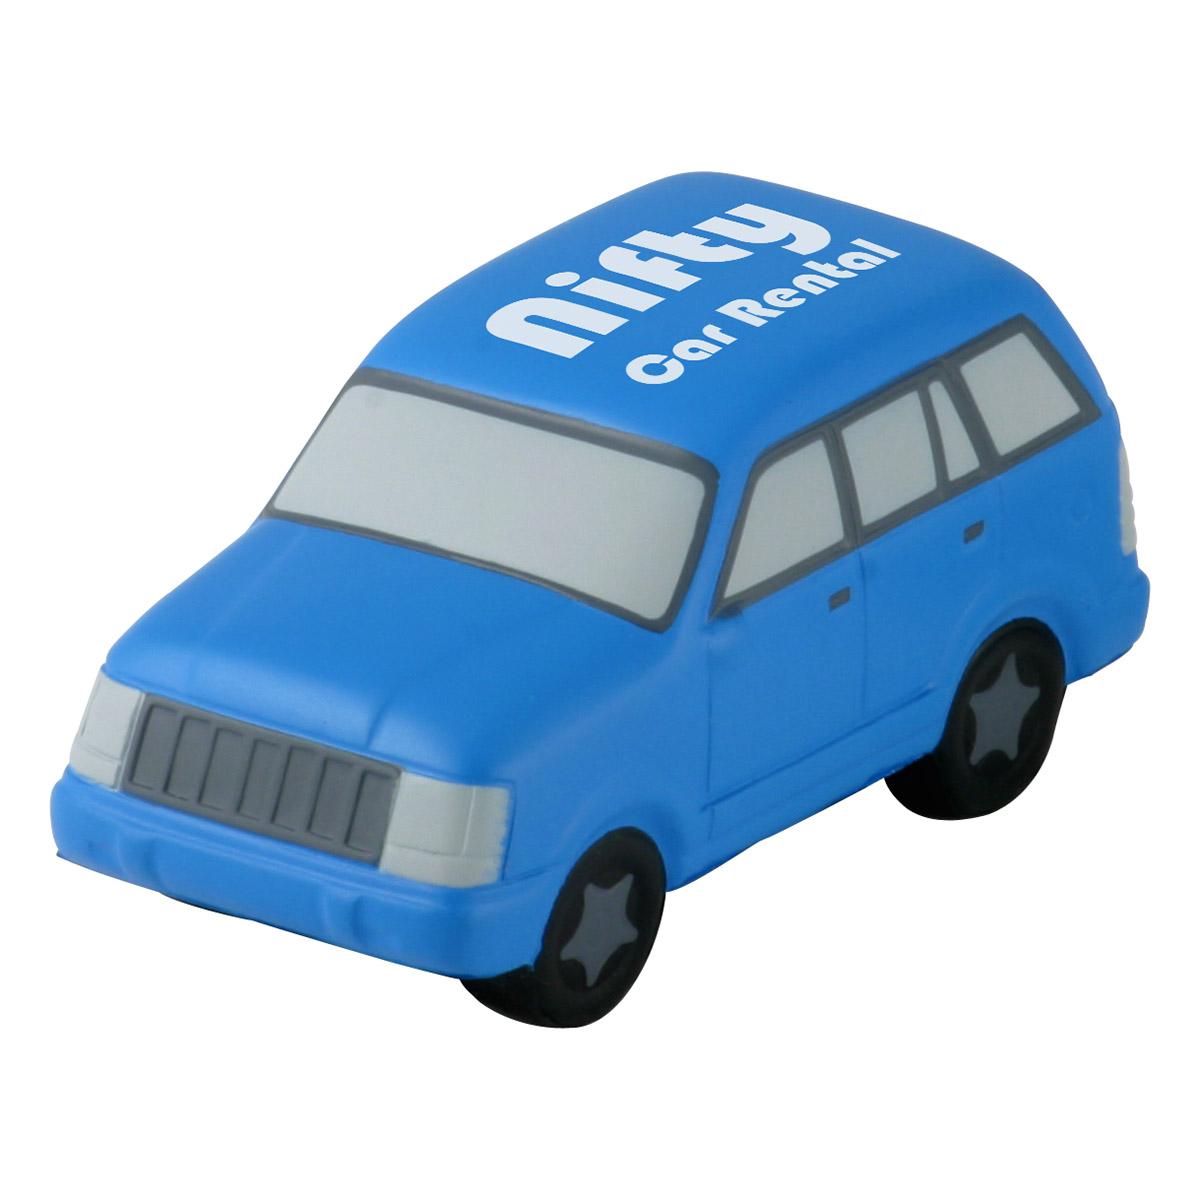 SUV Stress Reliever, LTR-SU06 - 1 Colour Imprint